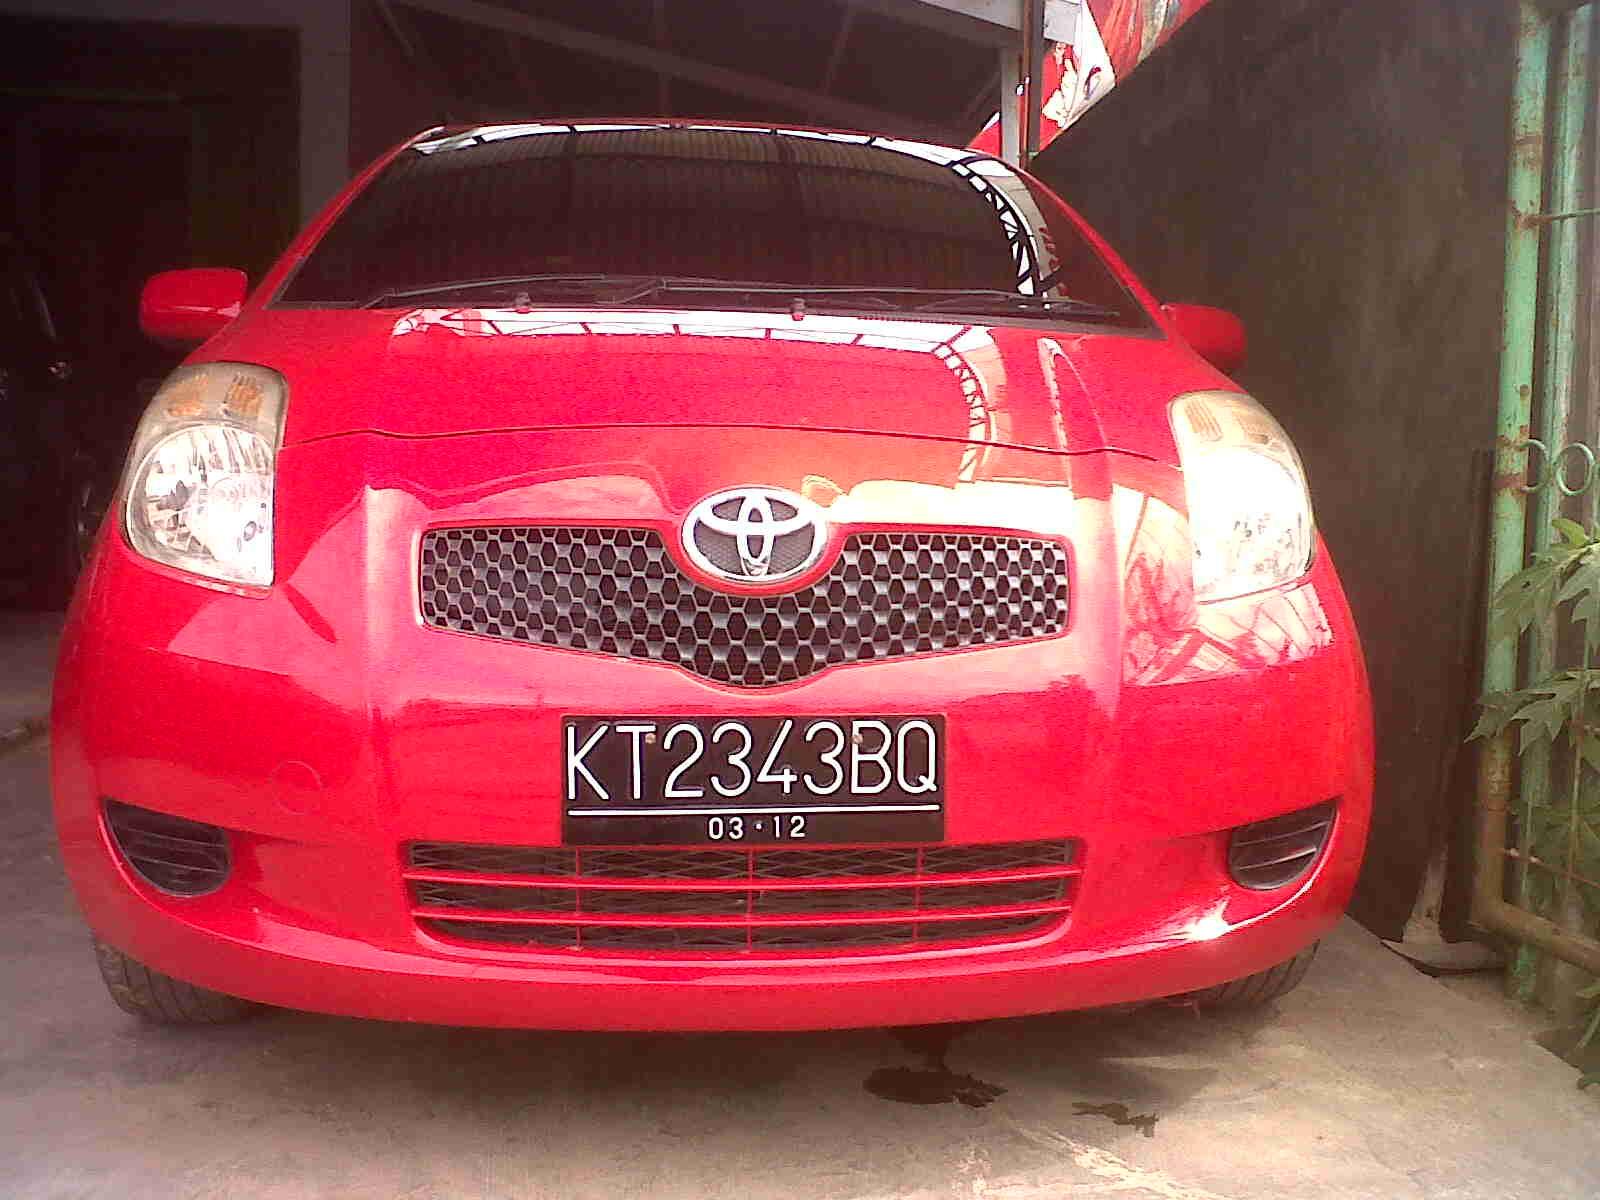 Toyota Yaris Trd Merah All New Kijang Innova V Diesel Iklan Bisnis Samarinda Dijual Mobil E Manual